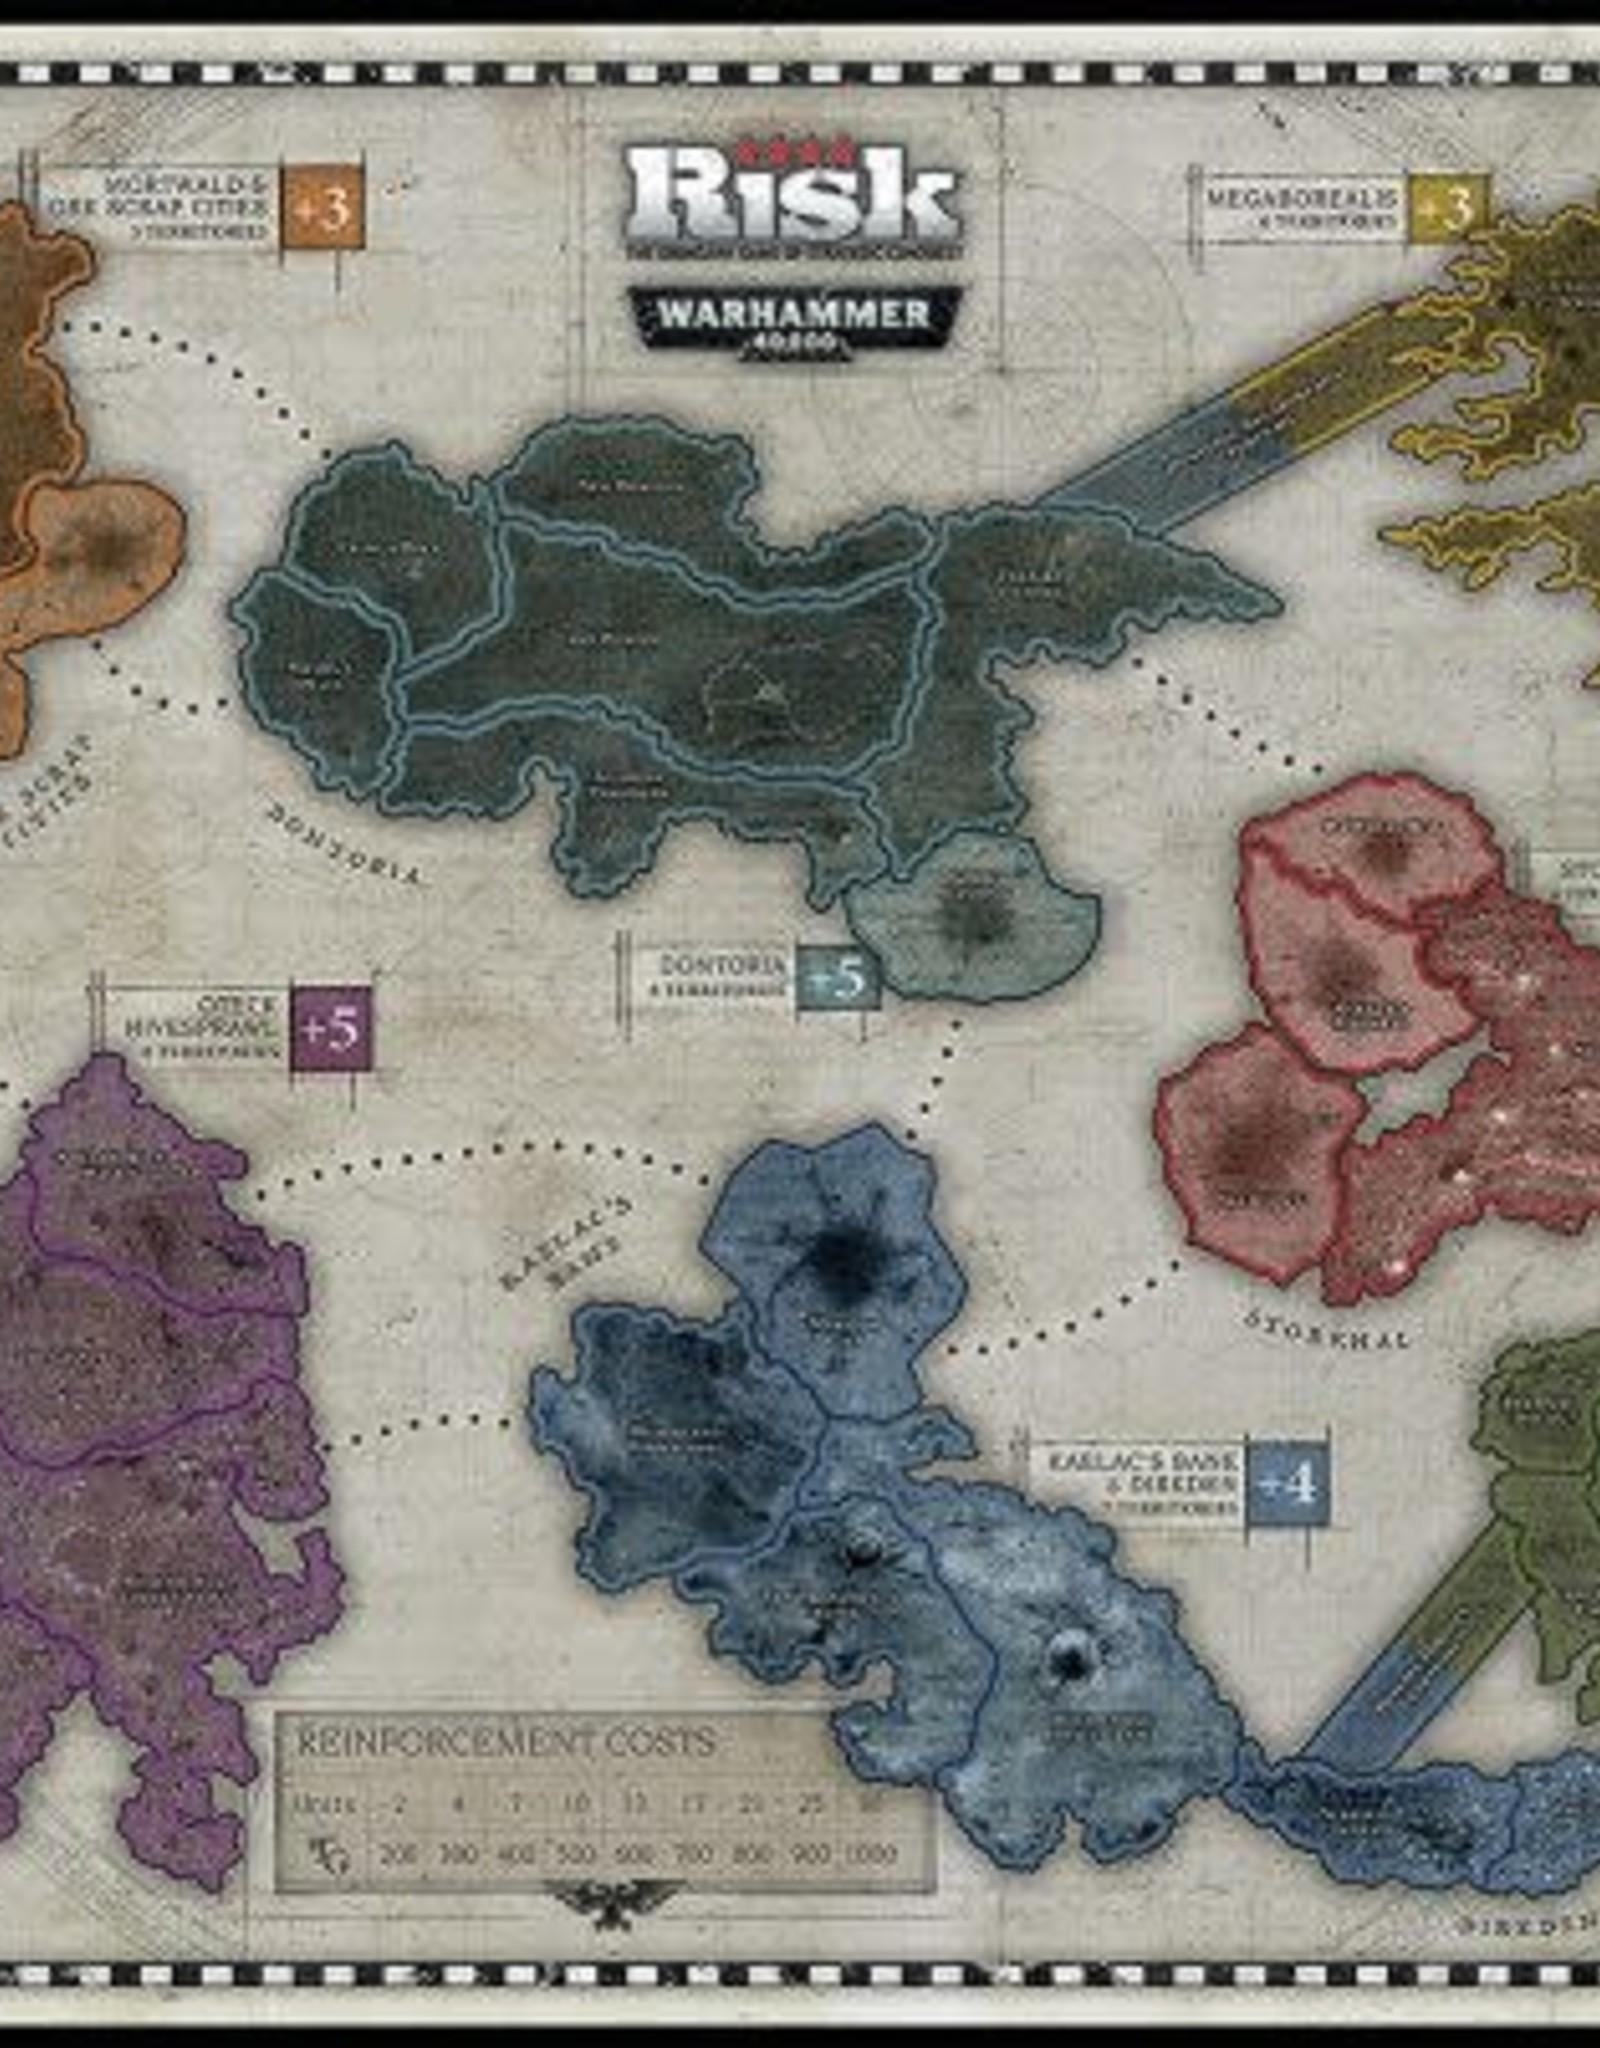 The OP Risk: Warhammer 40000